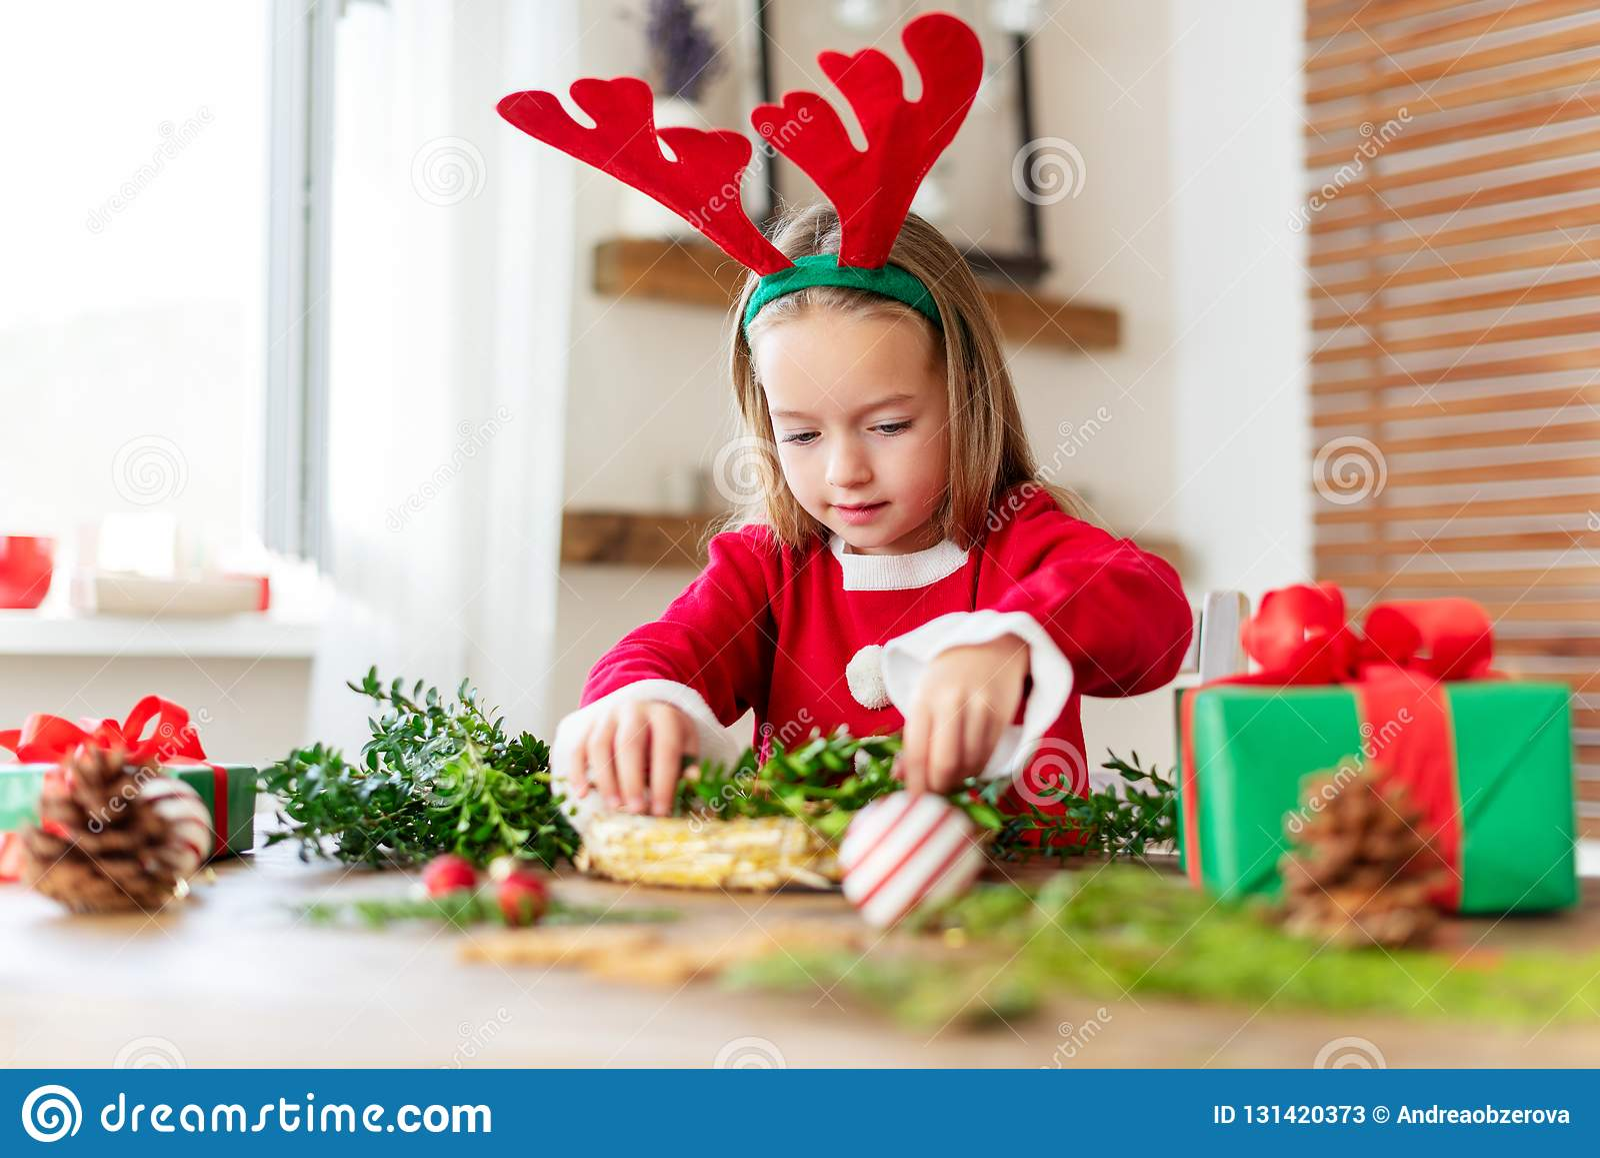 Cute preschooler girl dressed in reindeer costume wearing reindeer antlers making christmas wreath in living room.